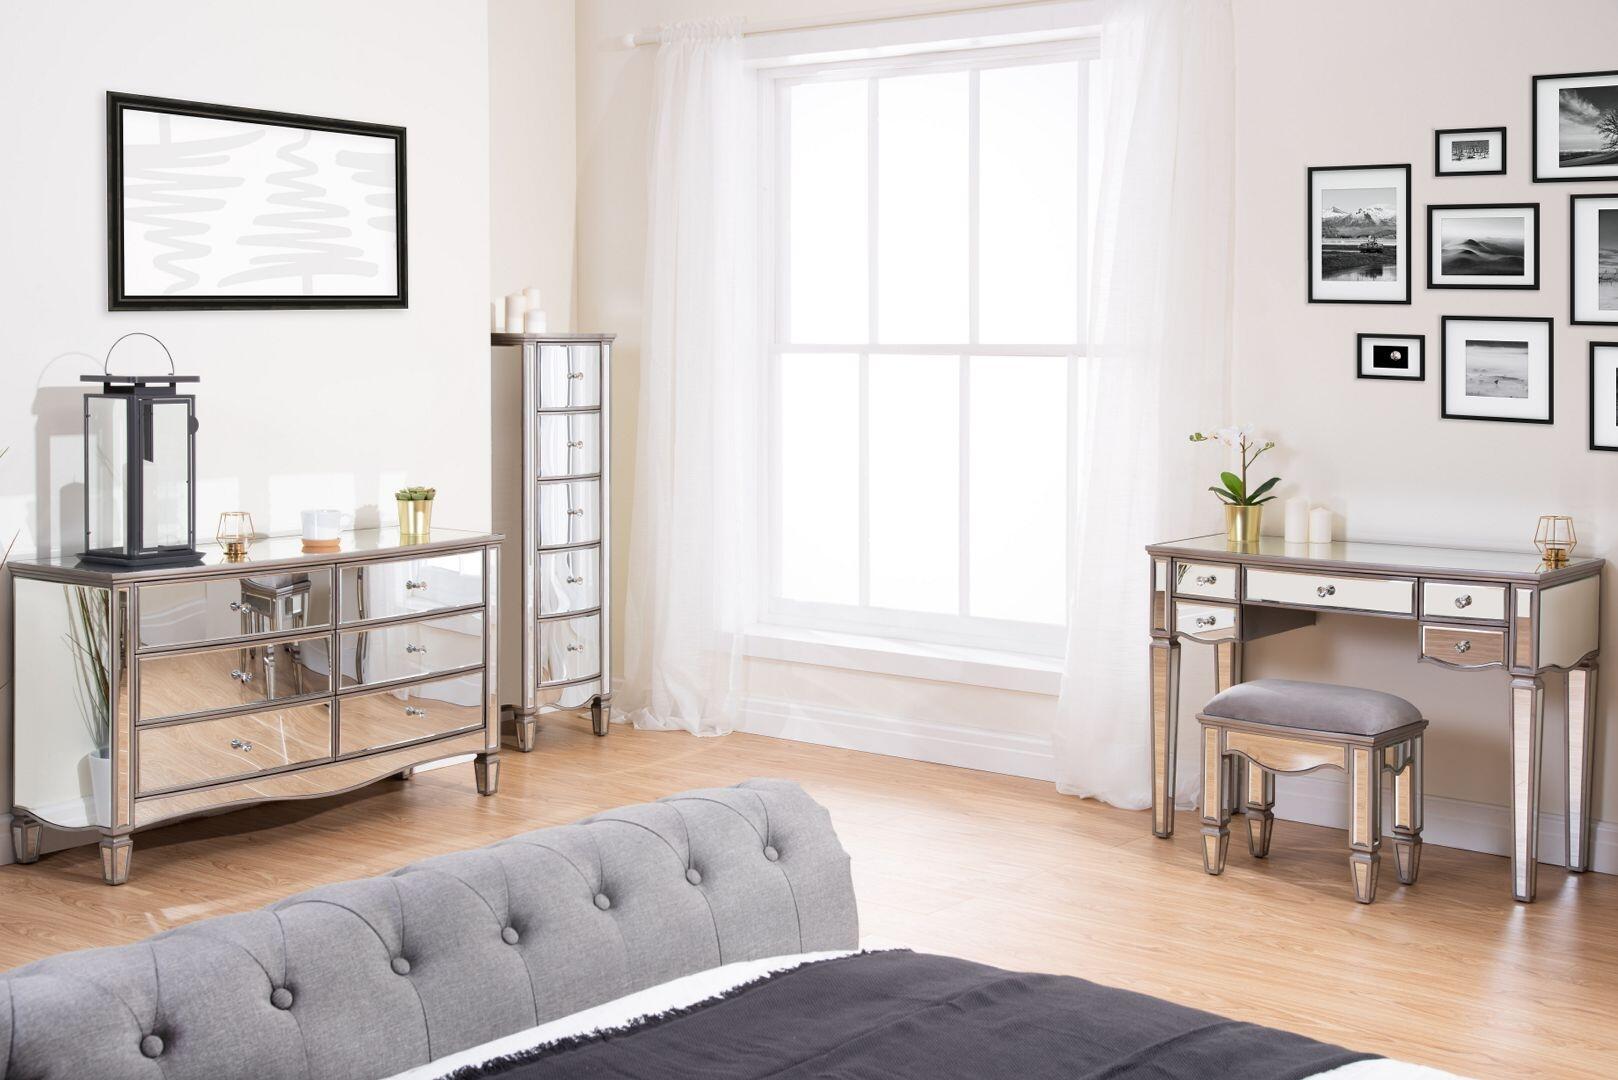 elysee mirrored wooden bedroom